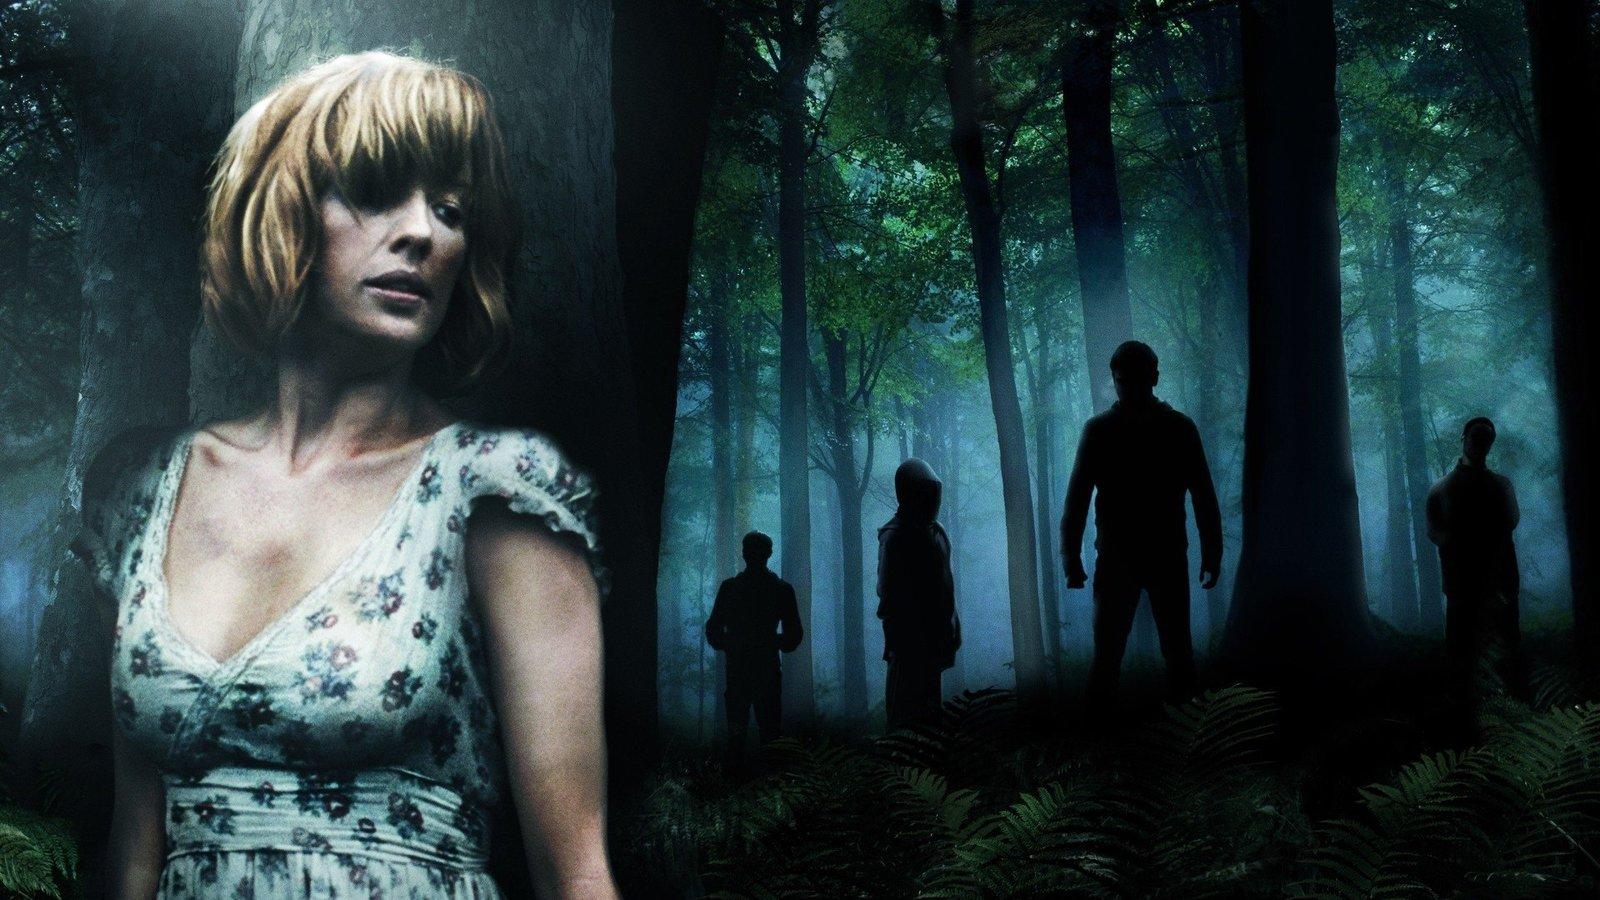 Триллер и фильм ужасов - что это такое и отличия